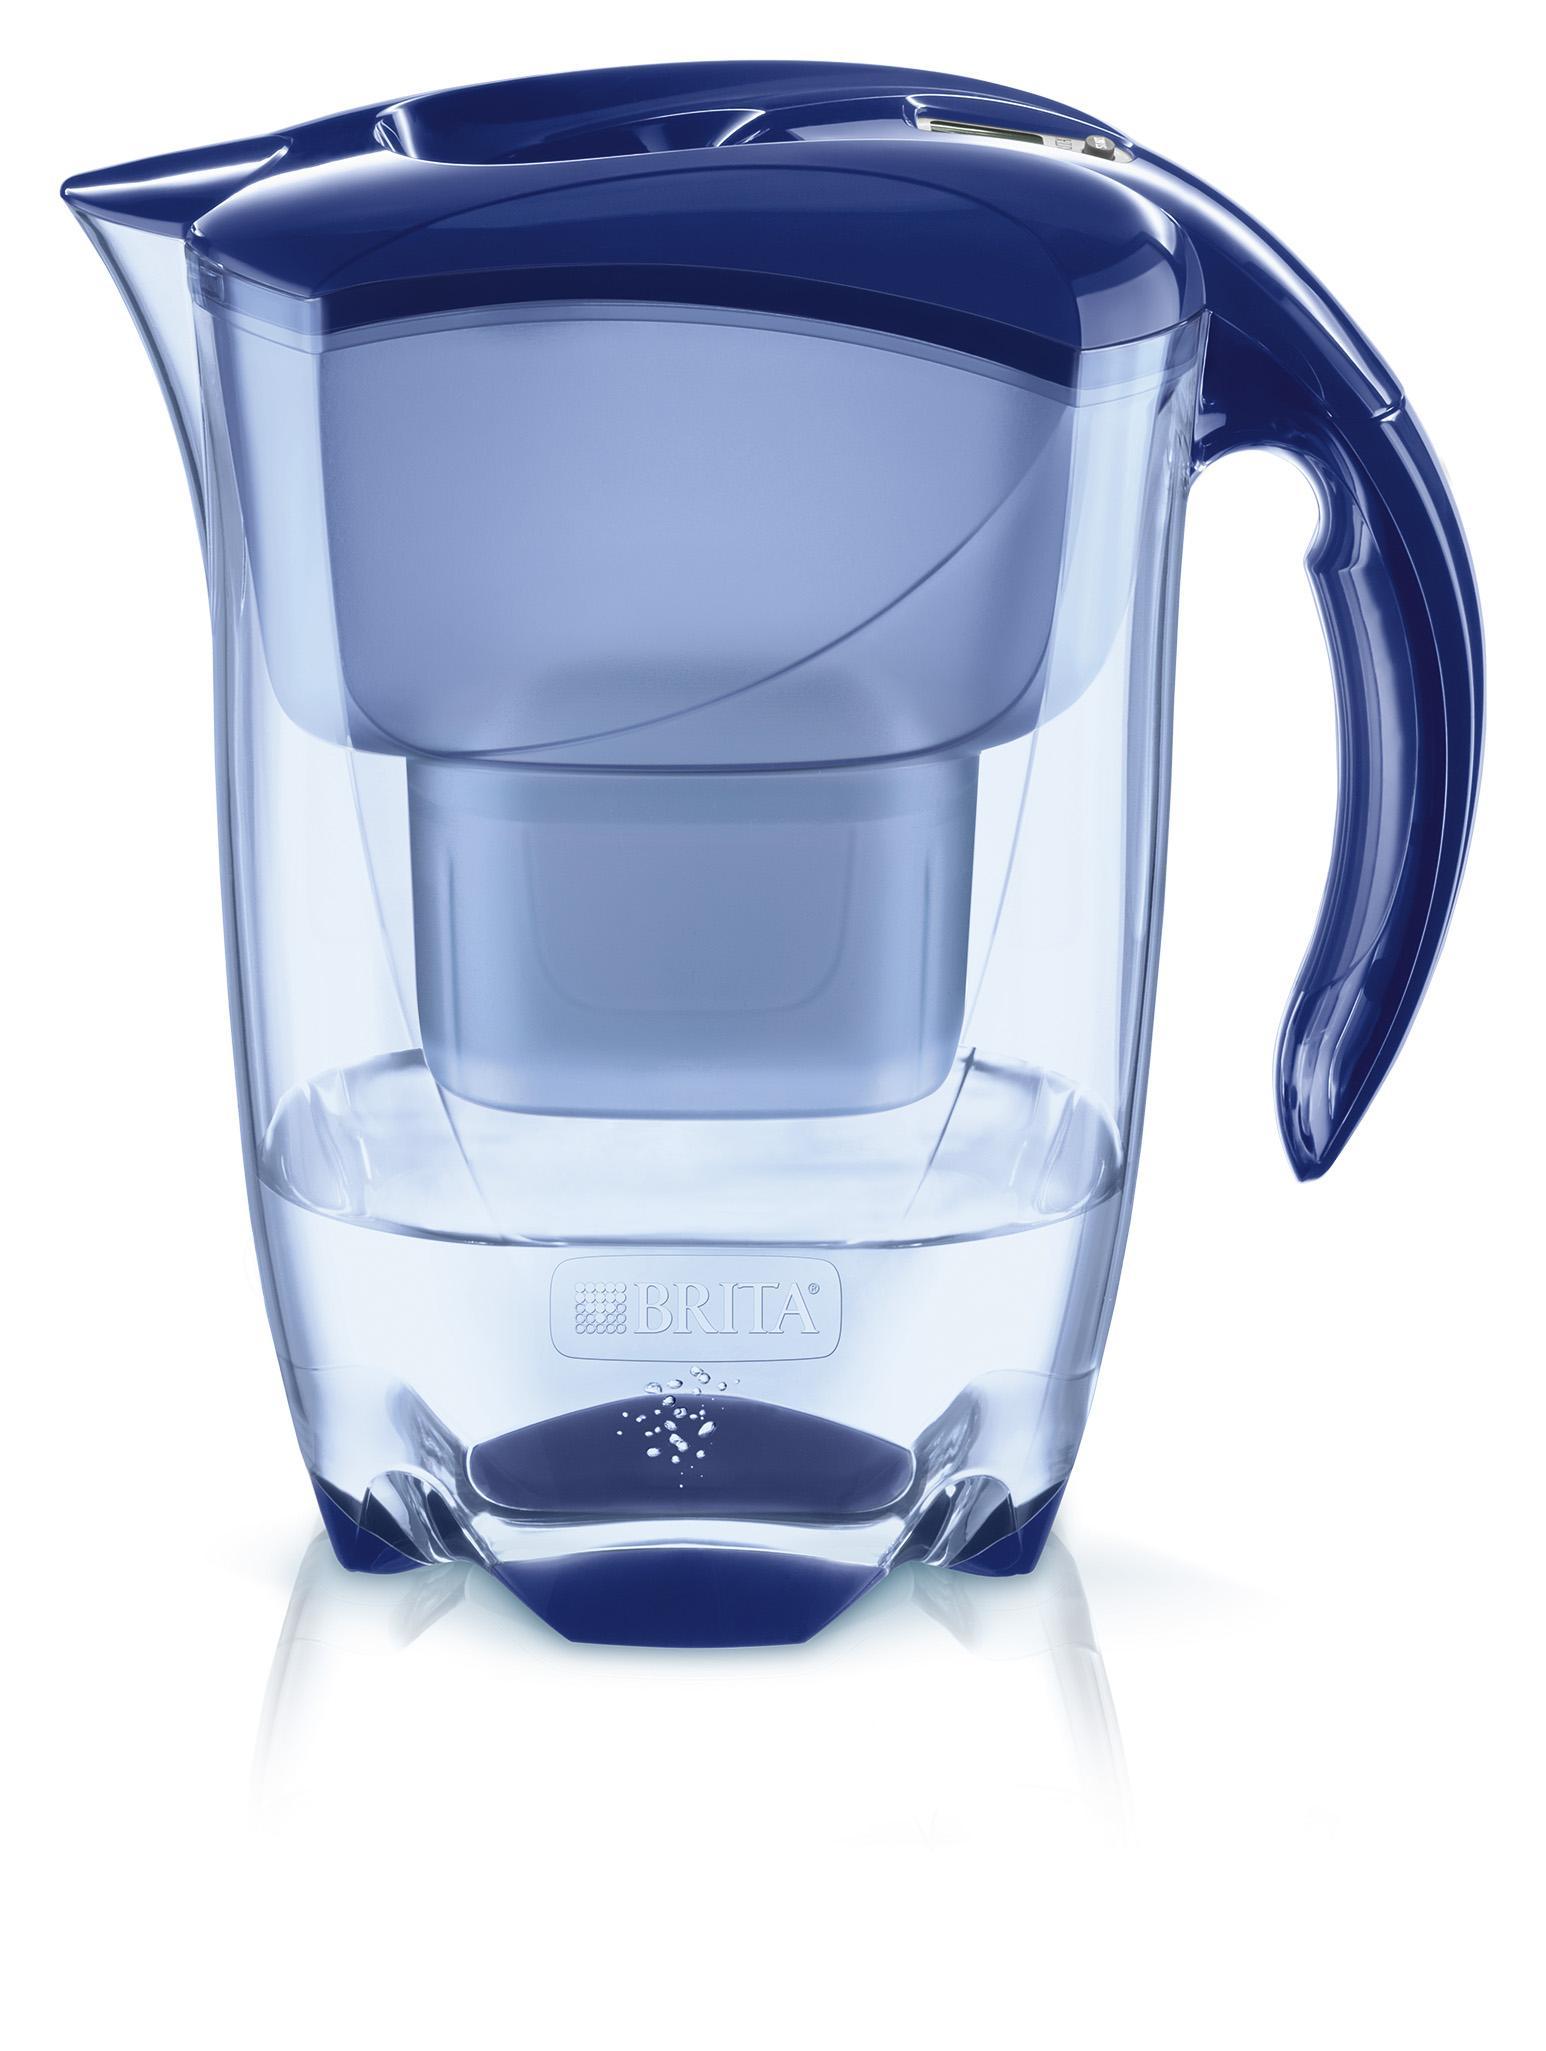 Brita Wasserfilter Elemaris, inkl. 1 Maxtra+